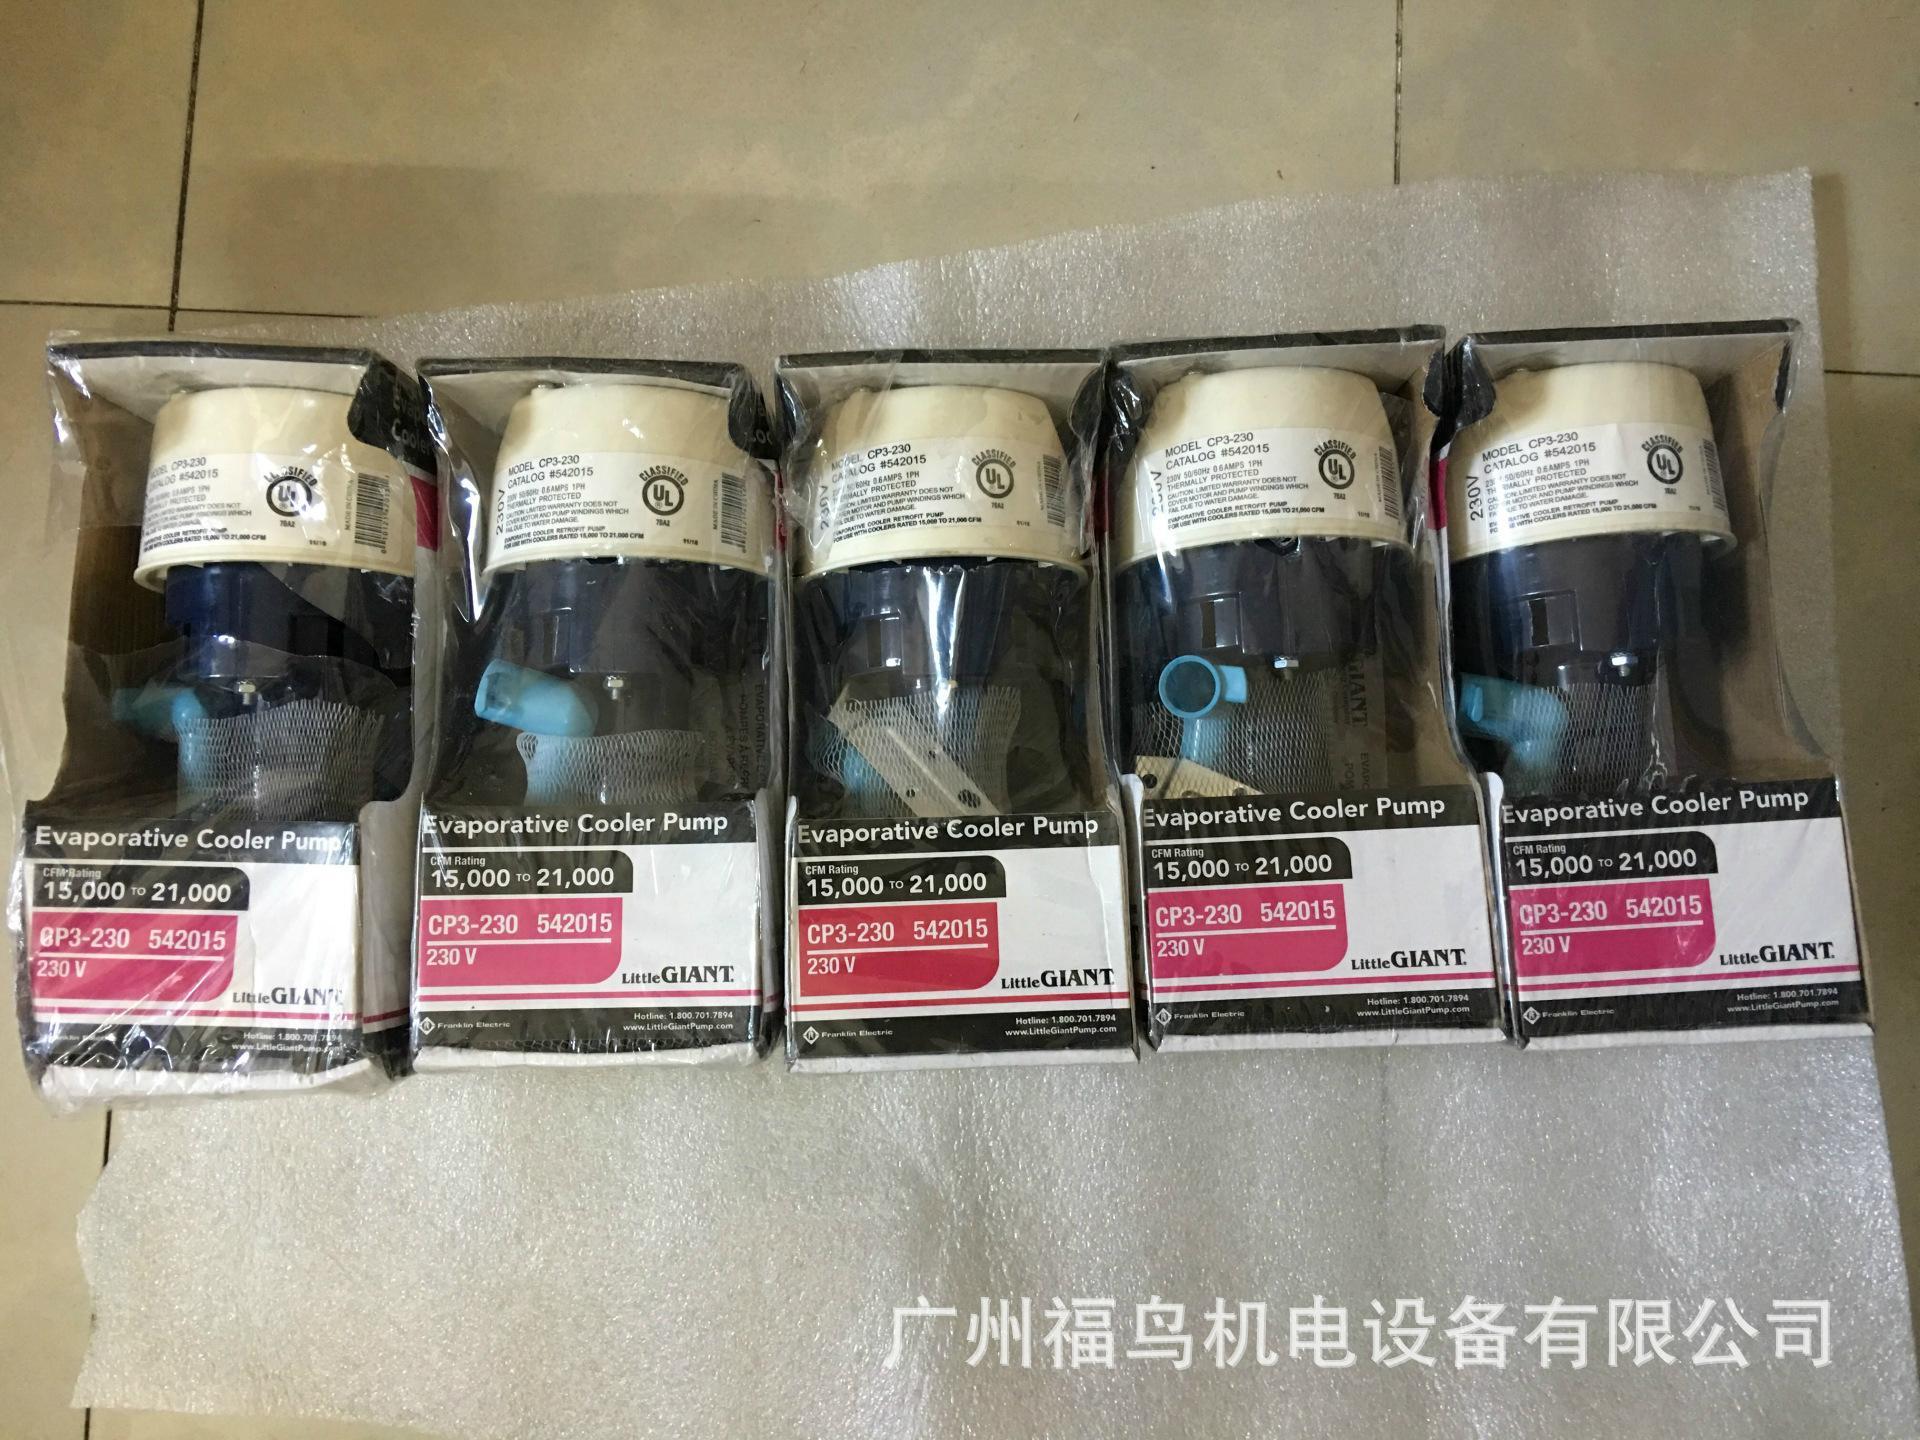 現貨供應LITTLE GIANT冷卻泵(CP3-230) 5